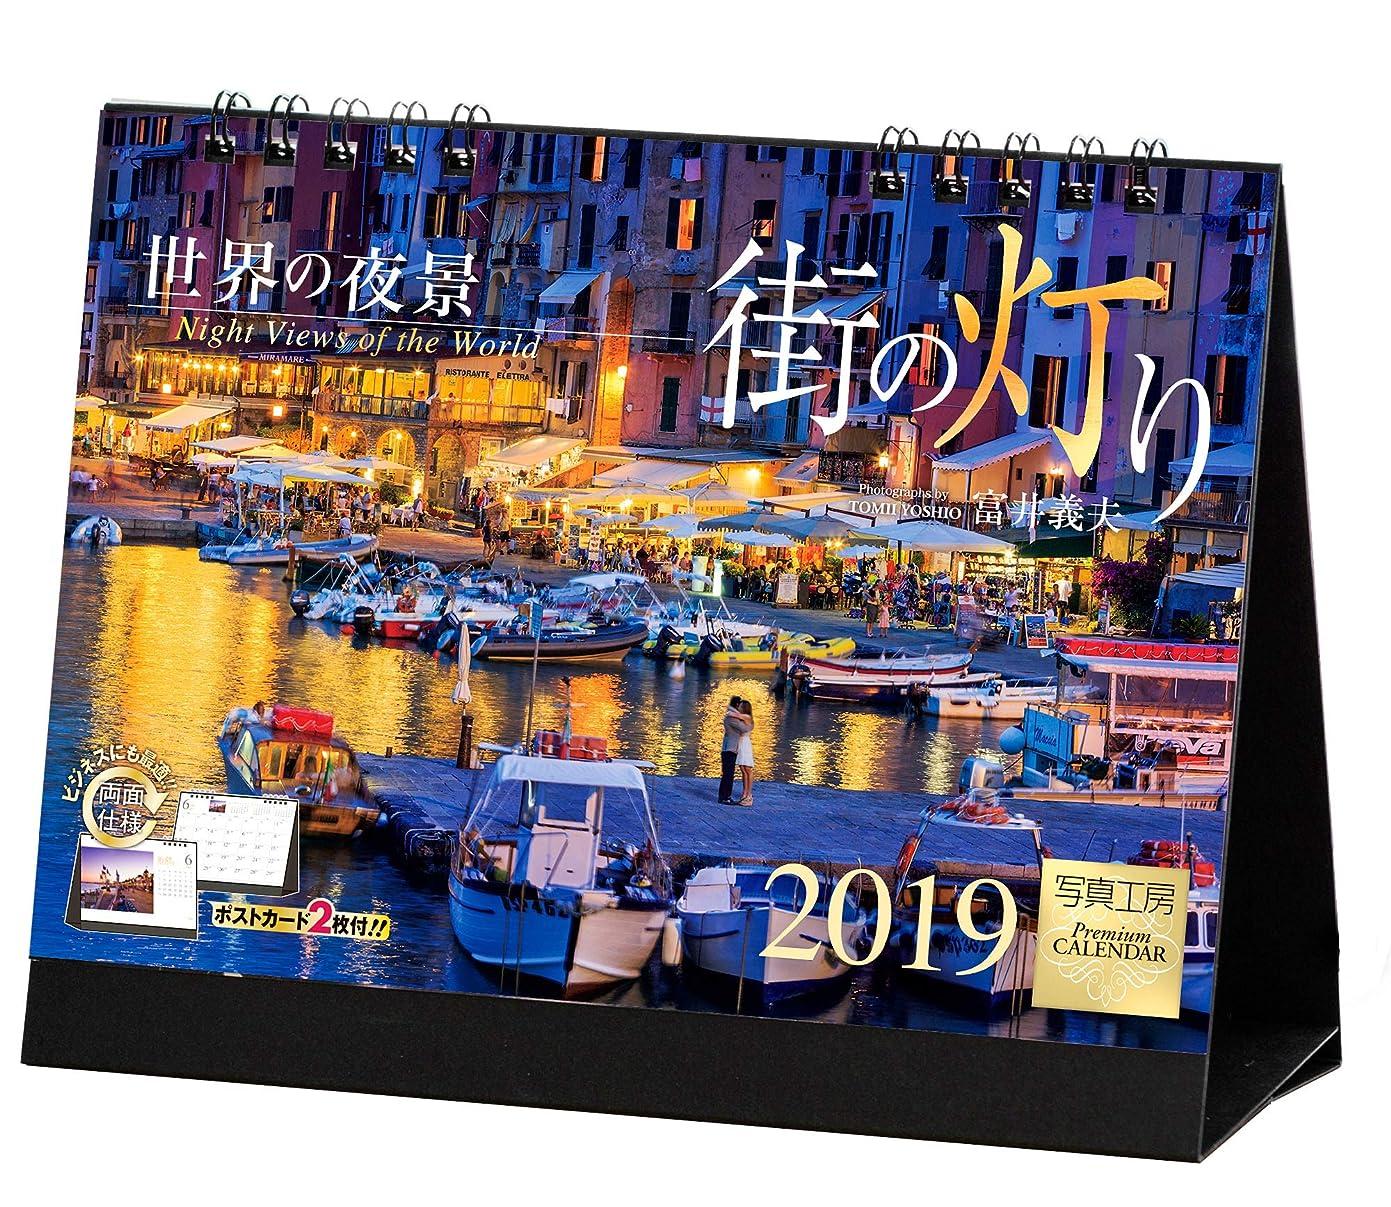 有効な生き残りおとうさん街の灯り 2019年 カレンダー 卓上 SG-7 (使用サイズ 144x182mm) 風景